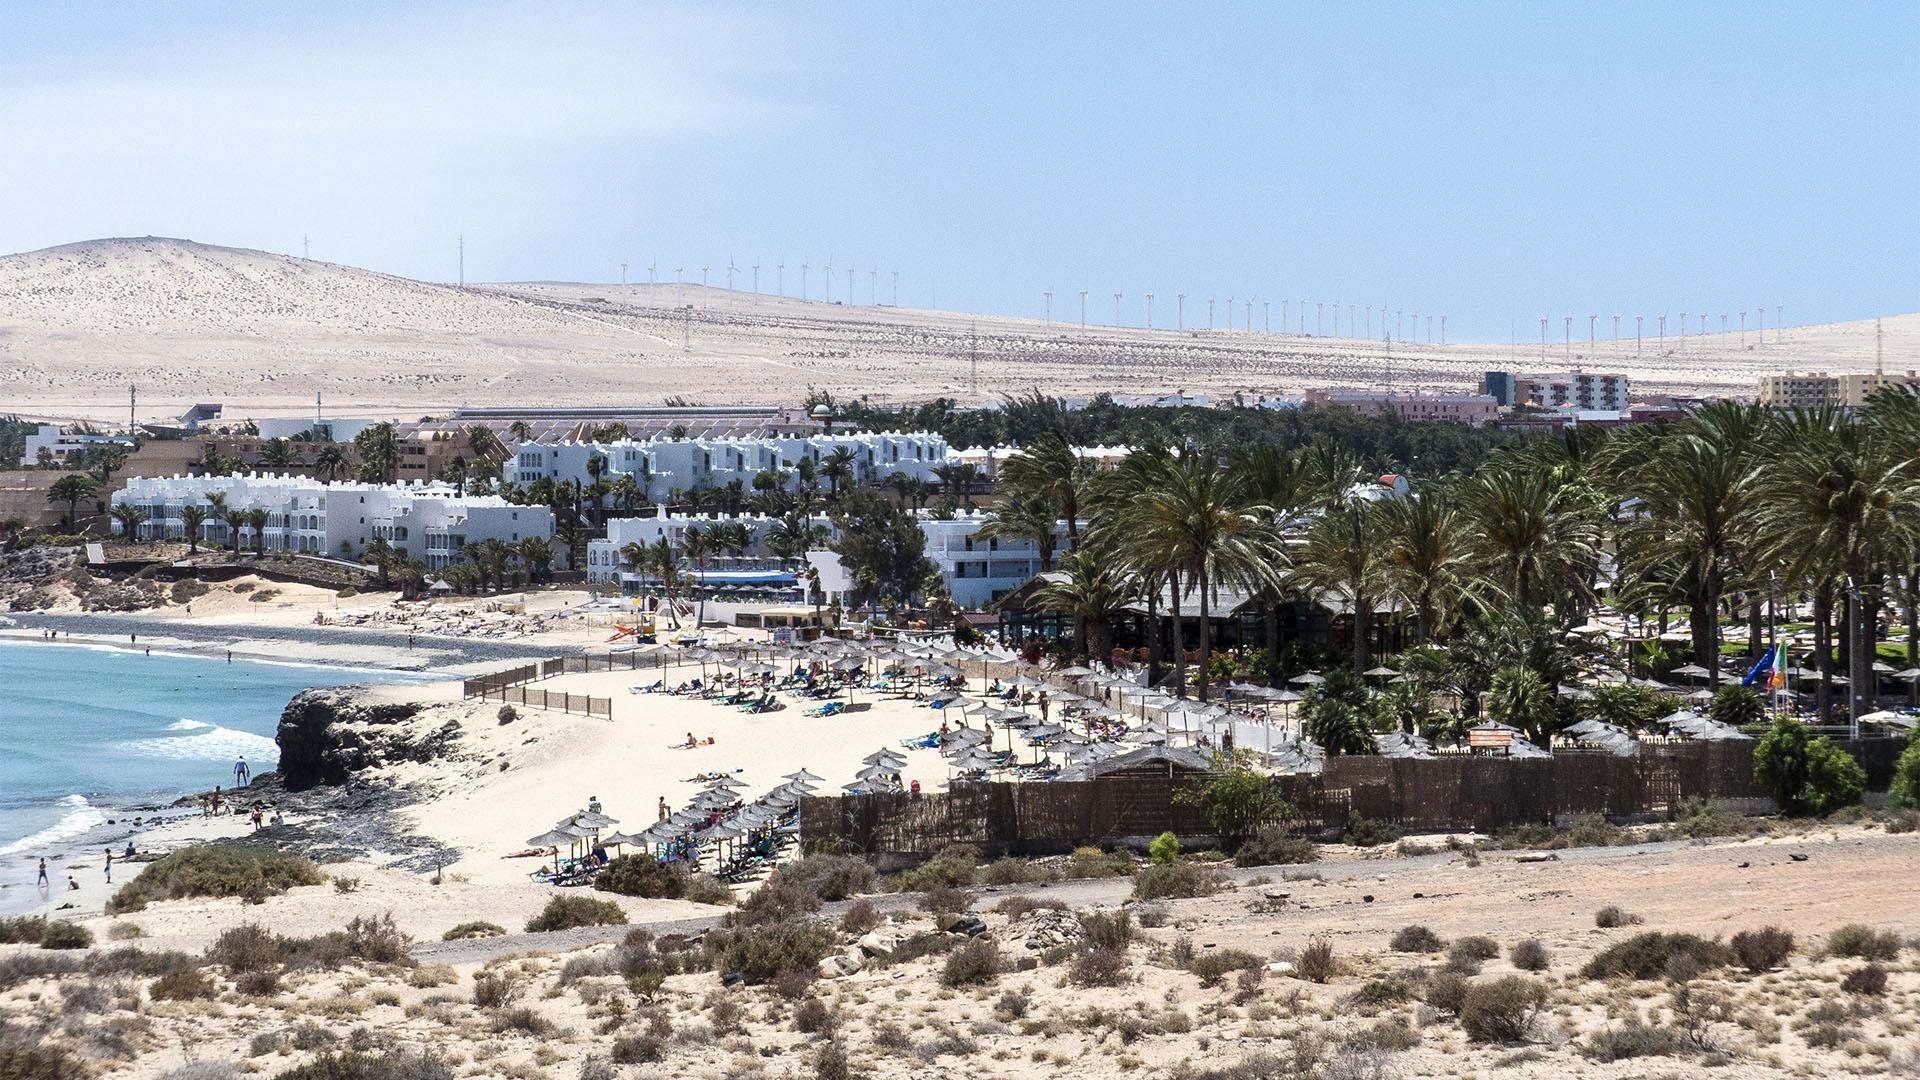 Die Strände Fuerteventuras: Costa Calma, Punta de los Molinillos.